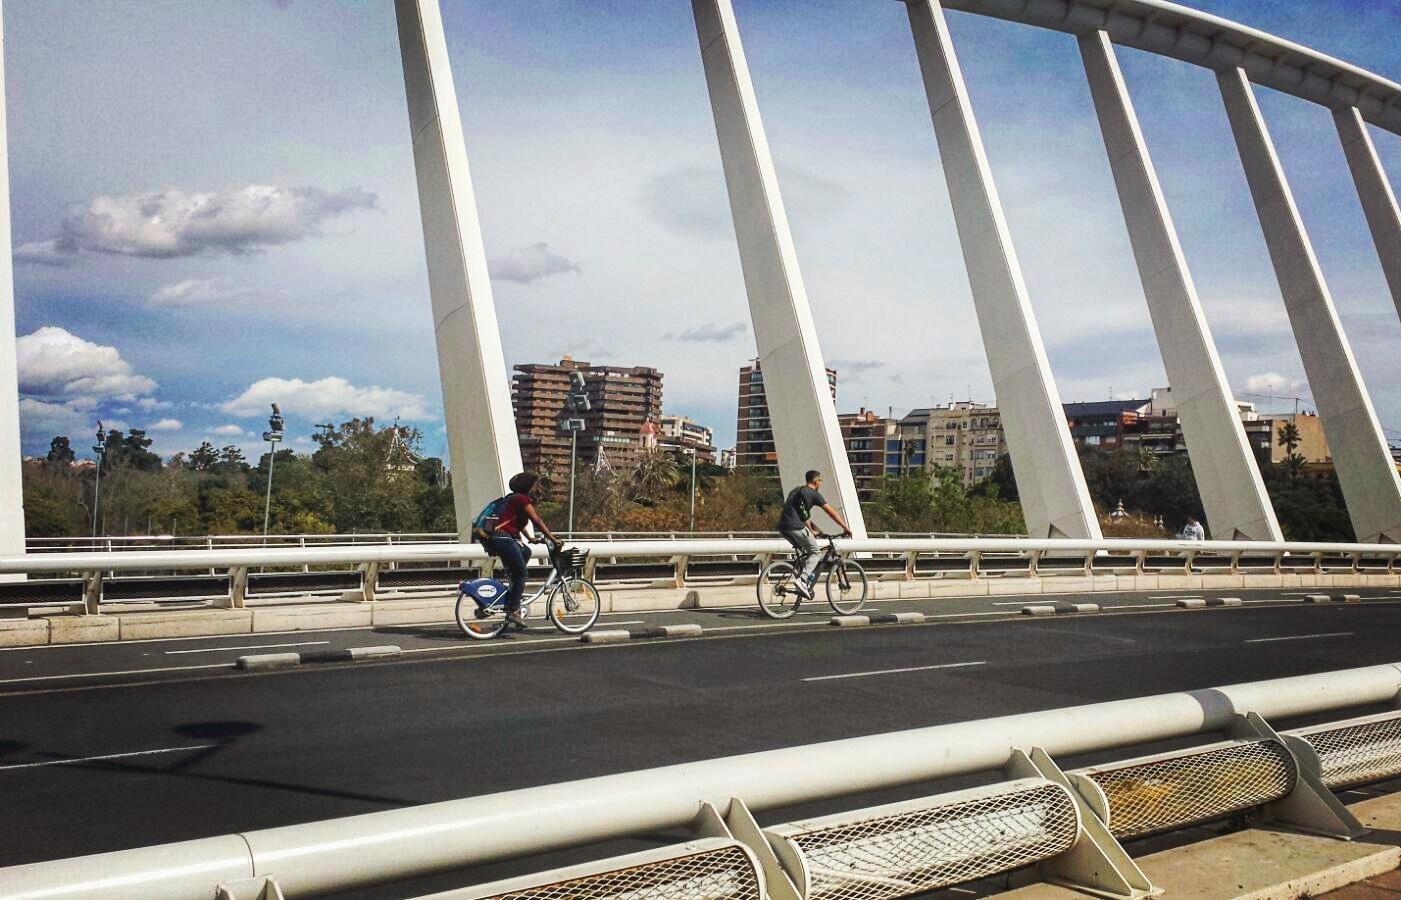 Cyclists crossing La Exposición bridge by Santiago Calatrava in Valencia, Spain